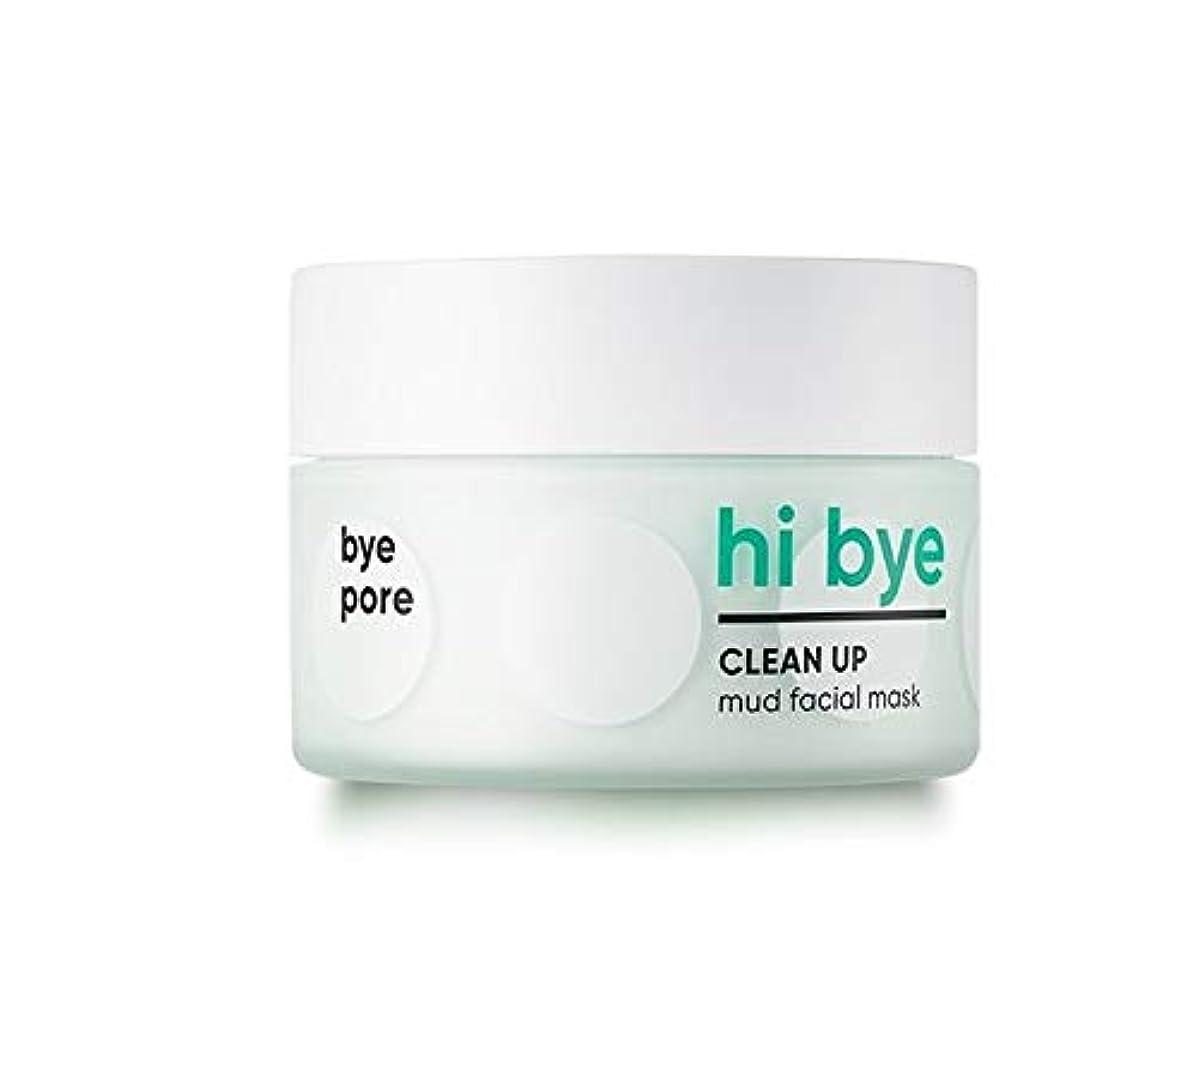 ソース影シュリンクbanilaco こんにちはバイクリーンアップマッドフェイシャルマスク/Hi Bye Clean Up Mud Facial Mask 100ml [並行輸入品]